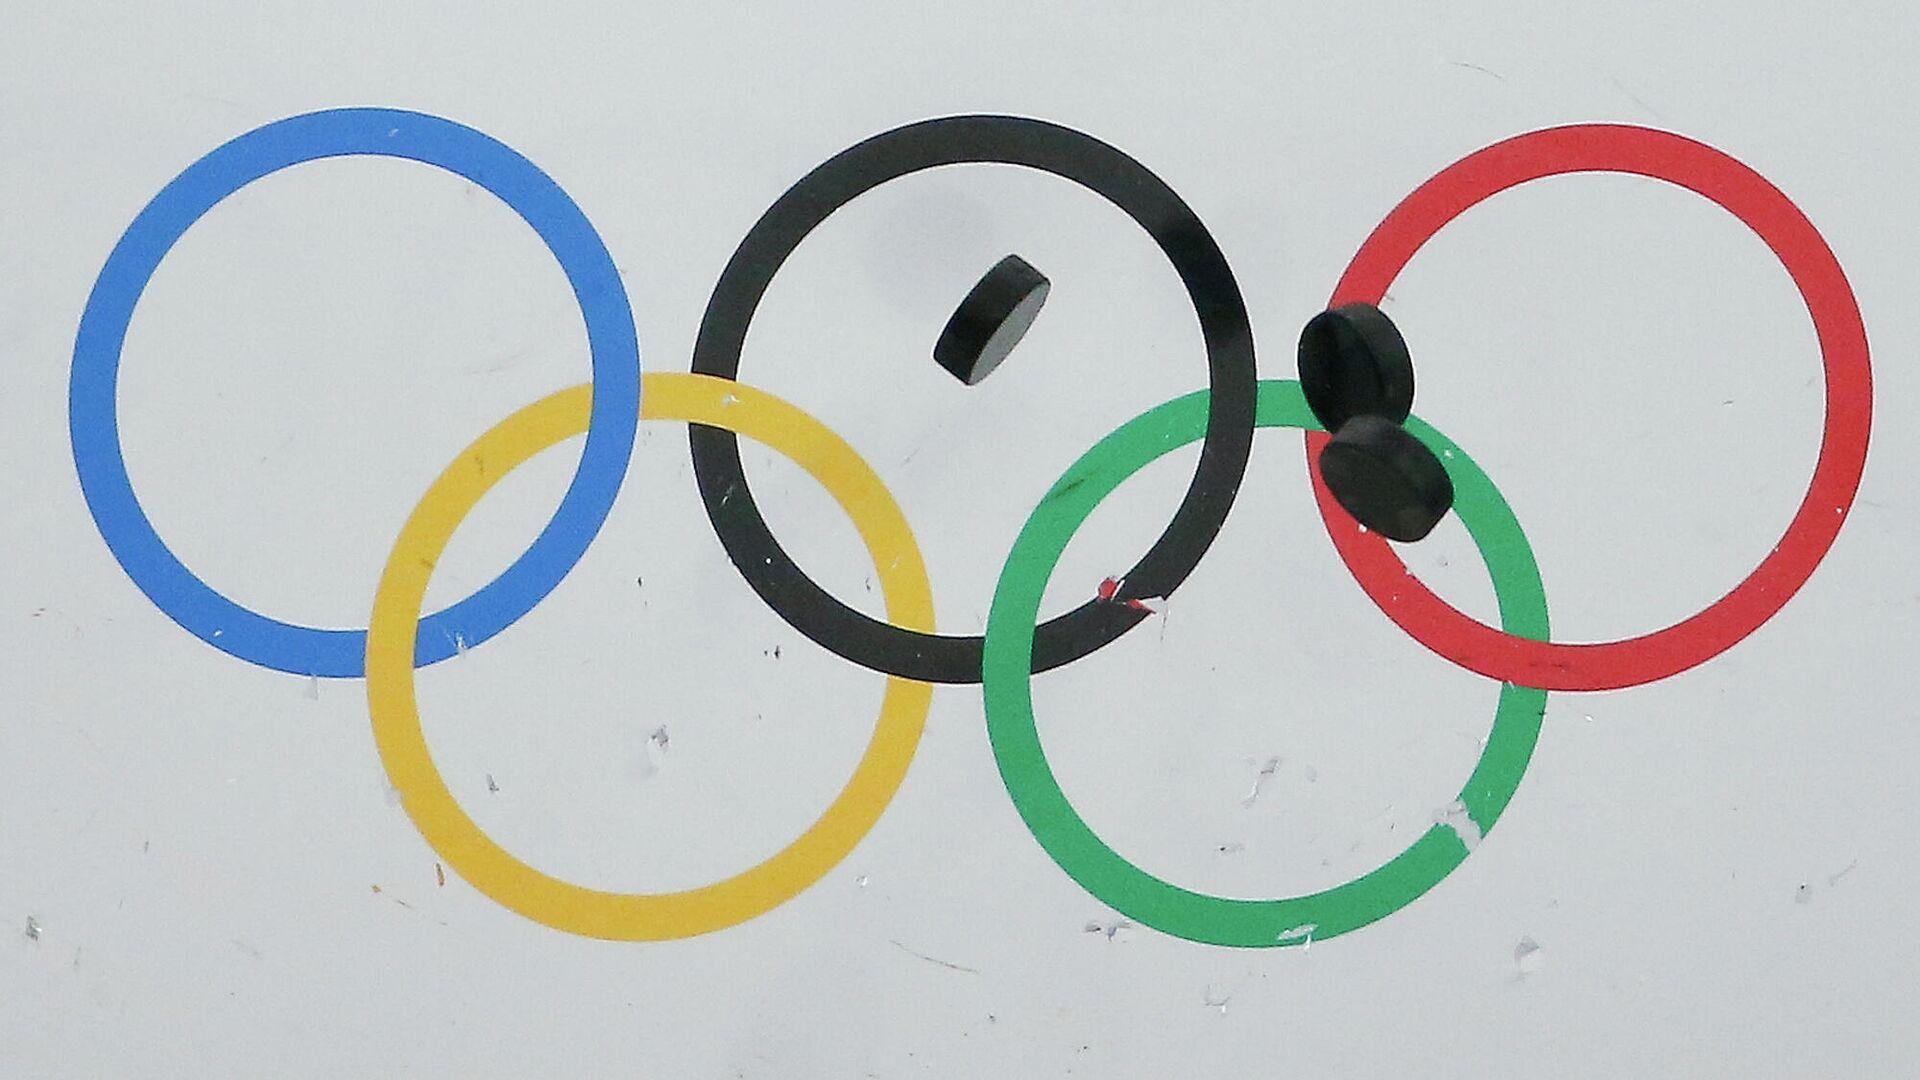 Шайбы на льду на фоне олимпийской символики - Sputnik Беларусь, 1920, 30.09.2021